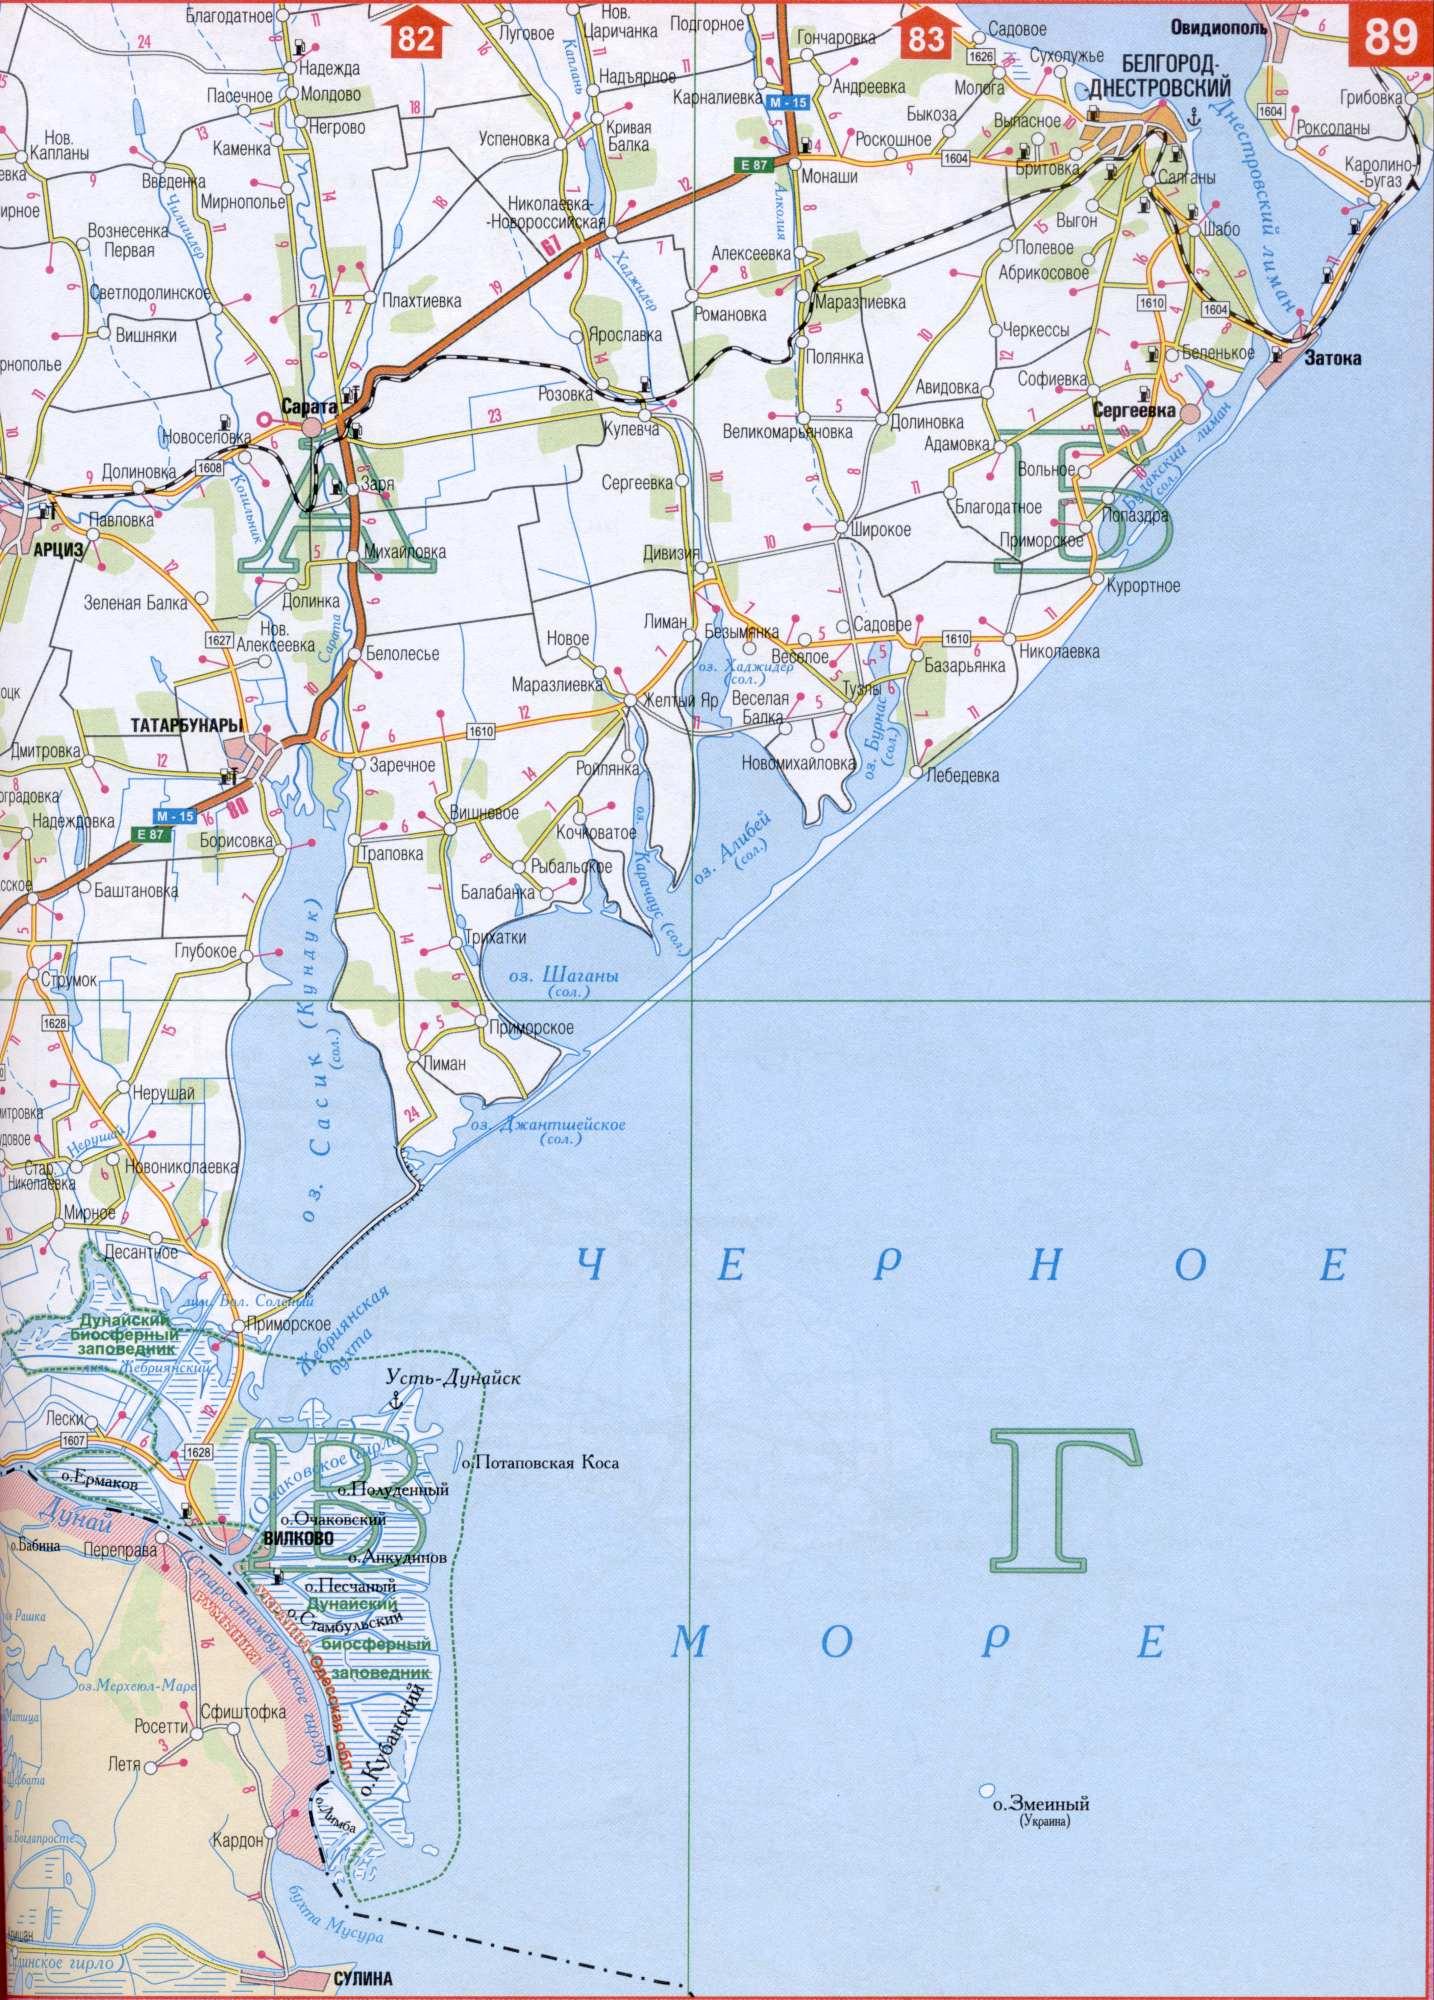 Карта Автодорог Запорожская Область - deznet: http://deznet.weebly.com/blog/karta-avtodorog-zaporozhskaya-oblastj